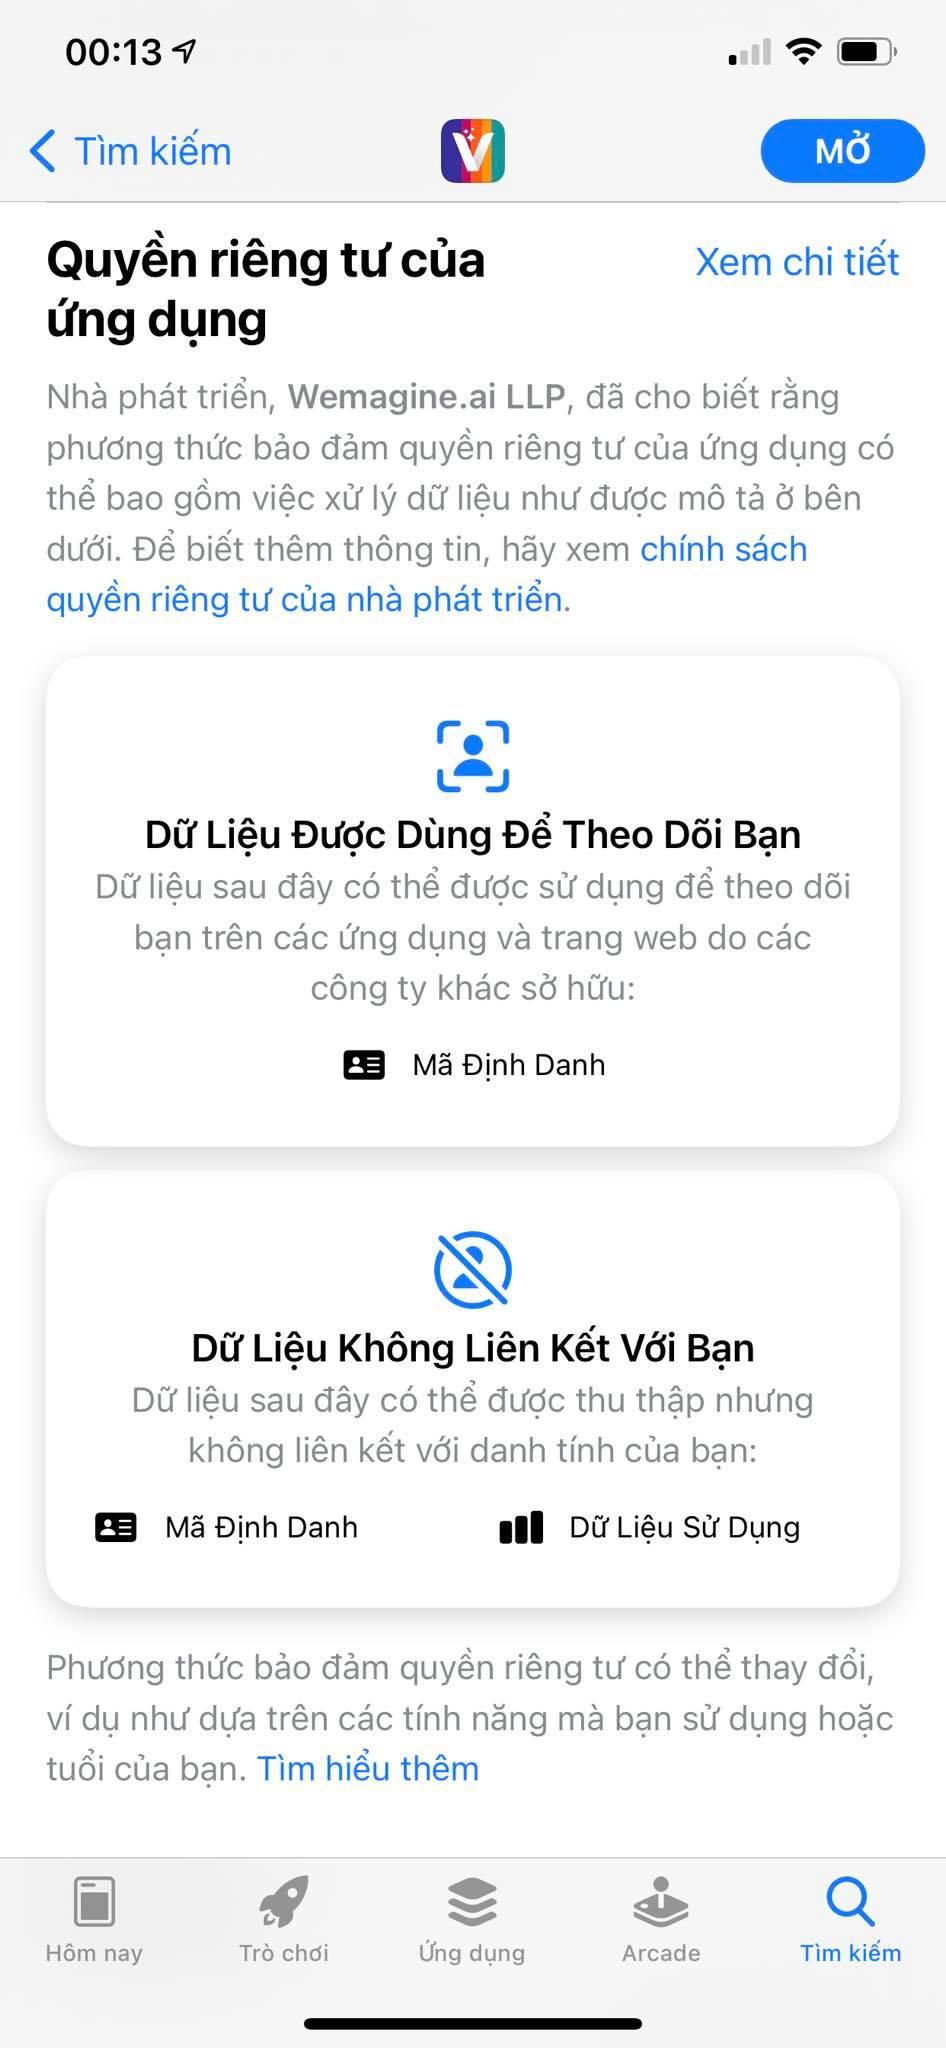 Cộng đồng mạng Việt lại phát sốt với trend chơi ảnh mới, thận trọng để tránh bị đánh cắp dữ liệu! - Ảnh 9.